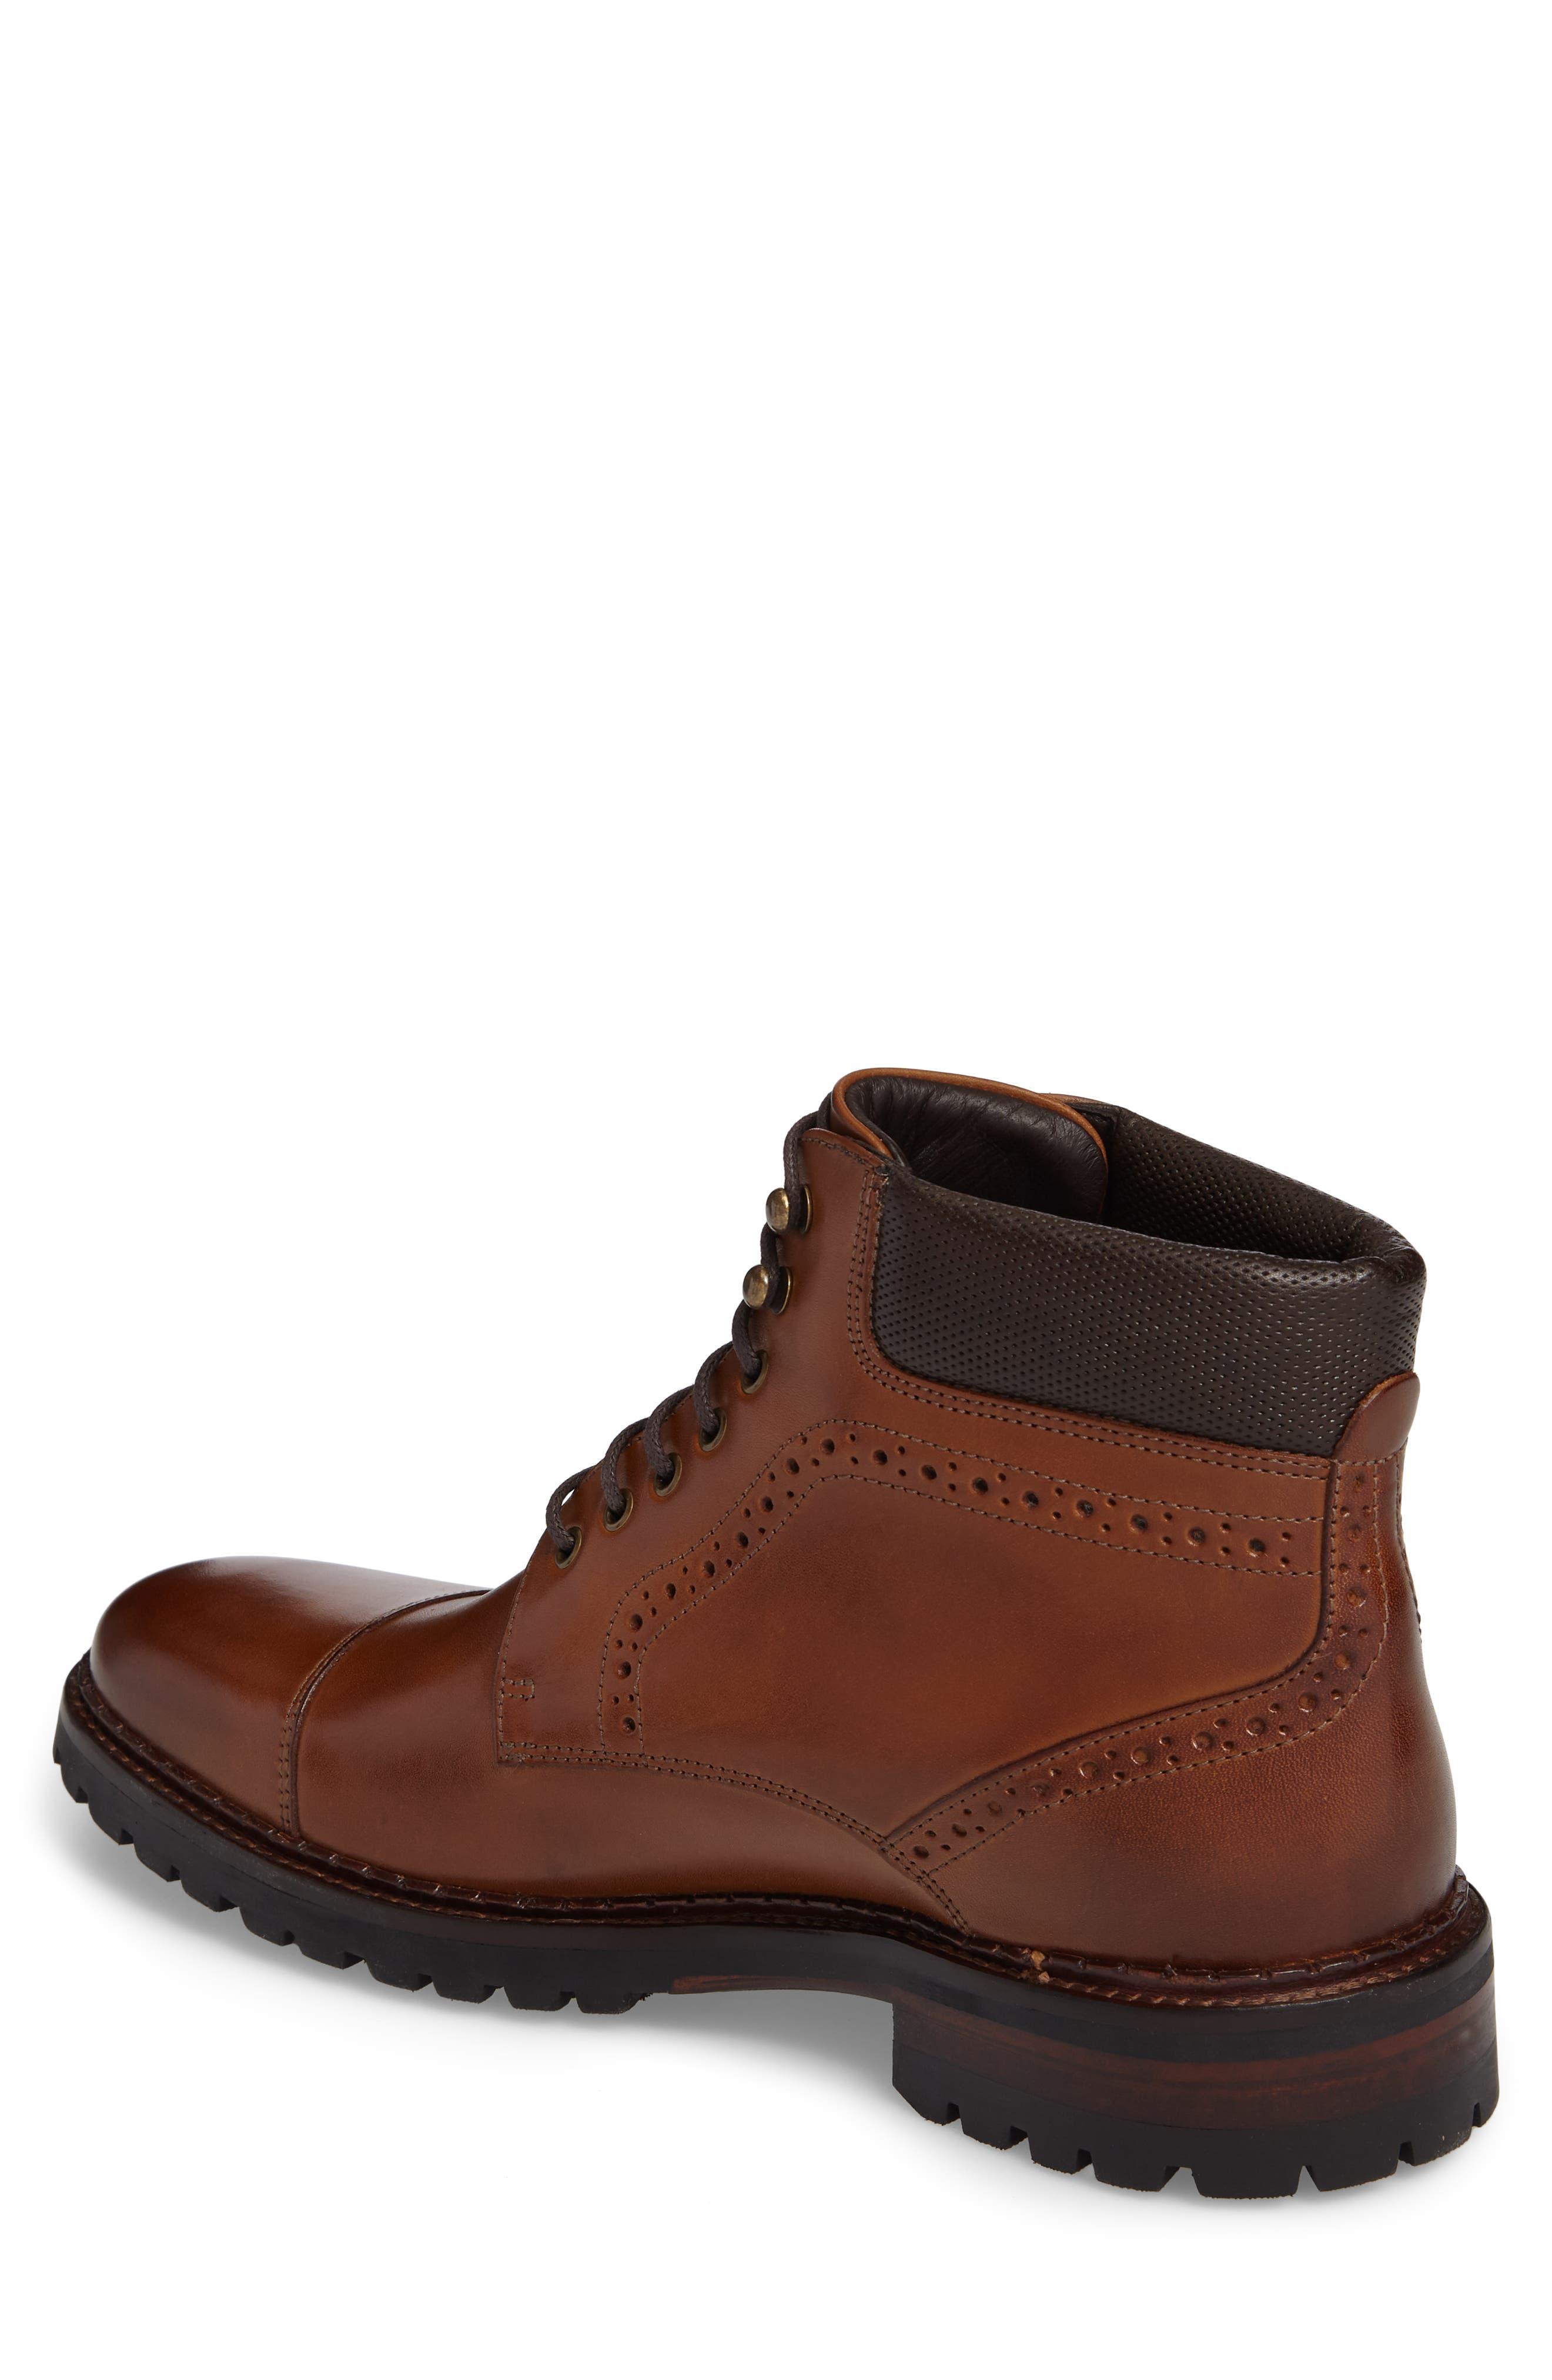 Jennings Cap Toe Boot,                             Alternate thumbnail 2, color,                             Tan